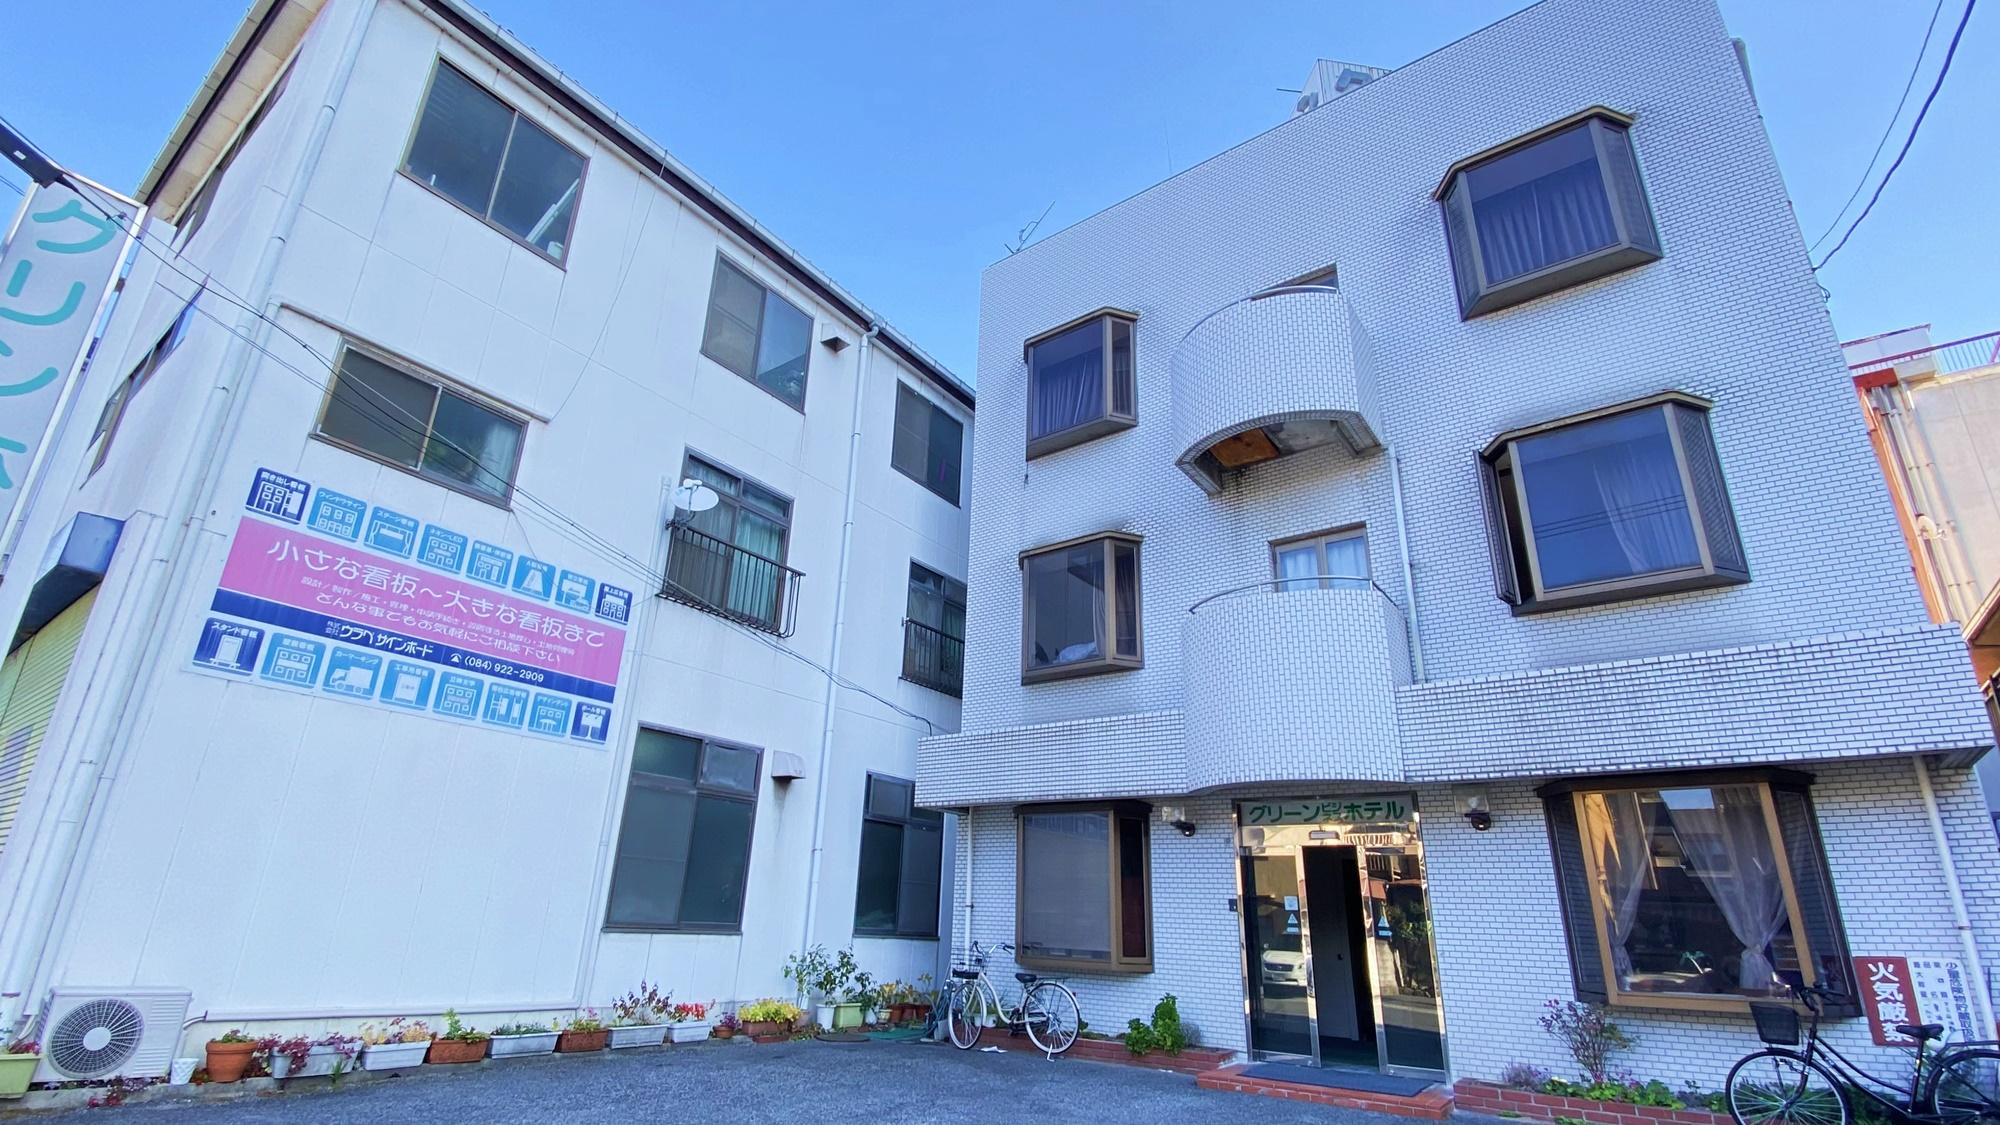 グリーン ビジネスホテル◆楽天トラベル